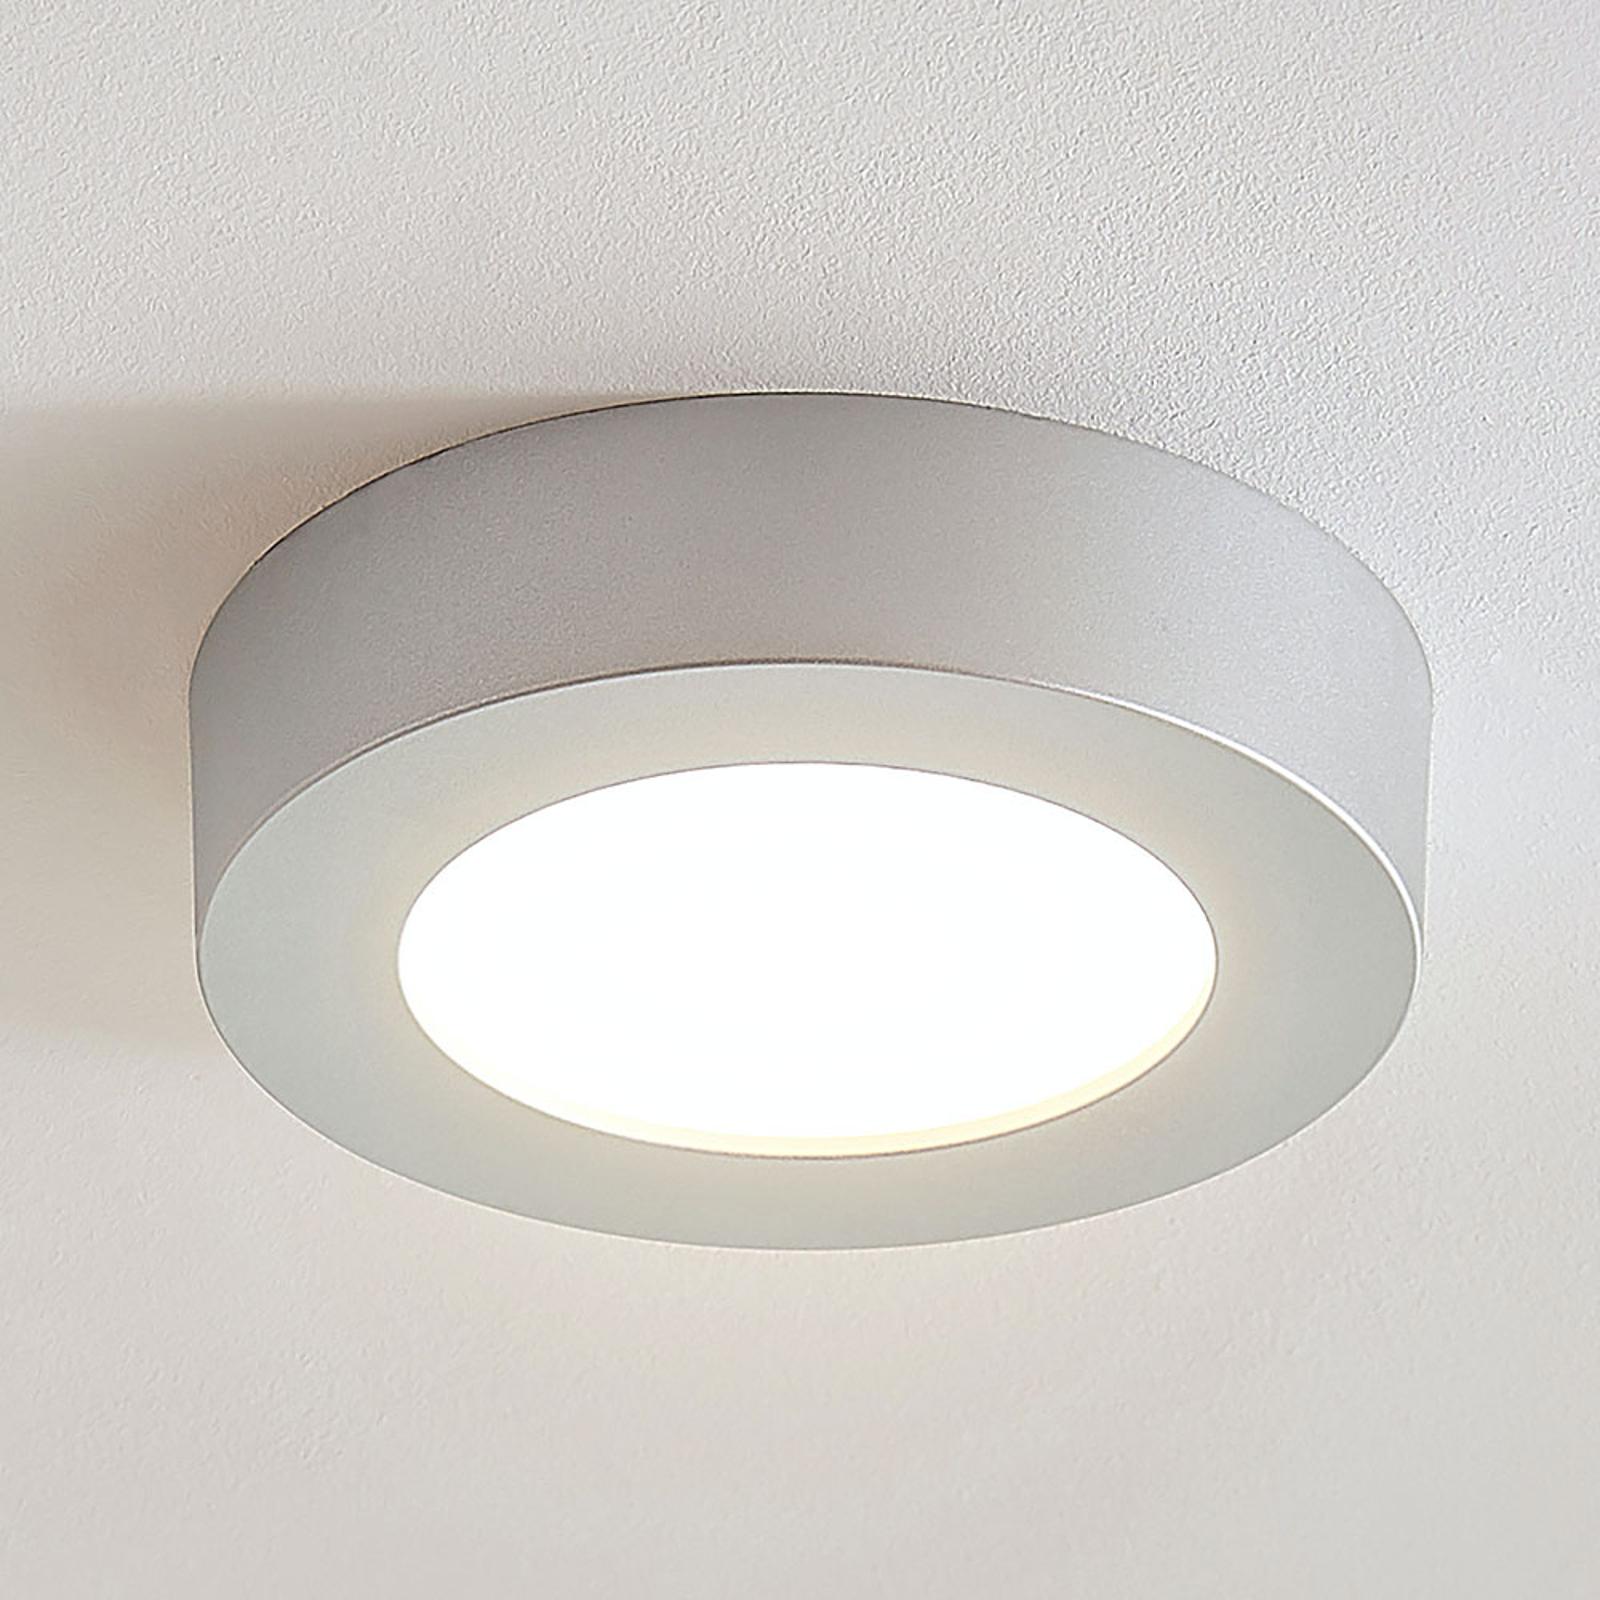 LED-Deckenlampe Marlo silber 3000K rund 18,2cm